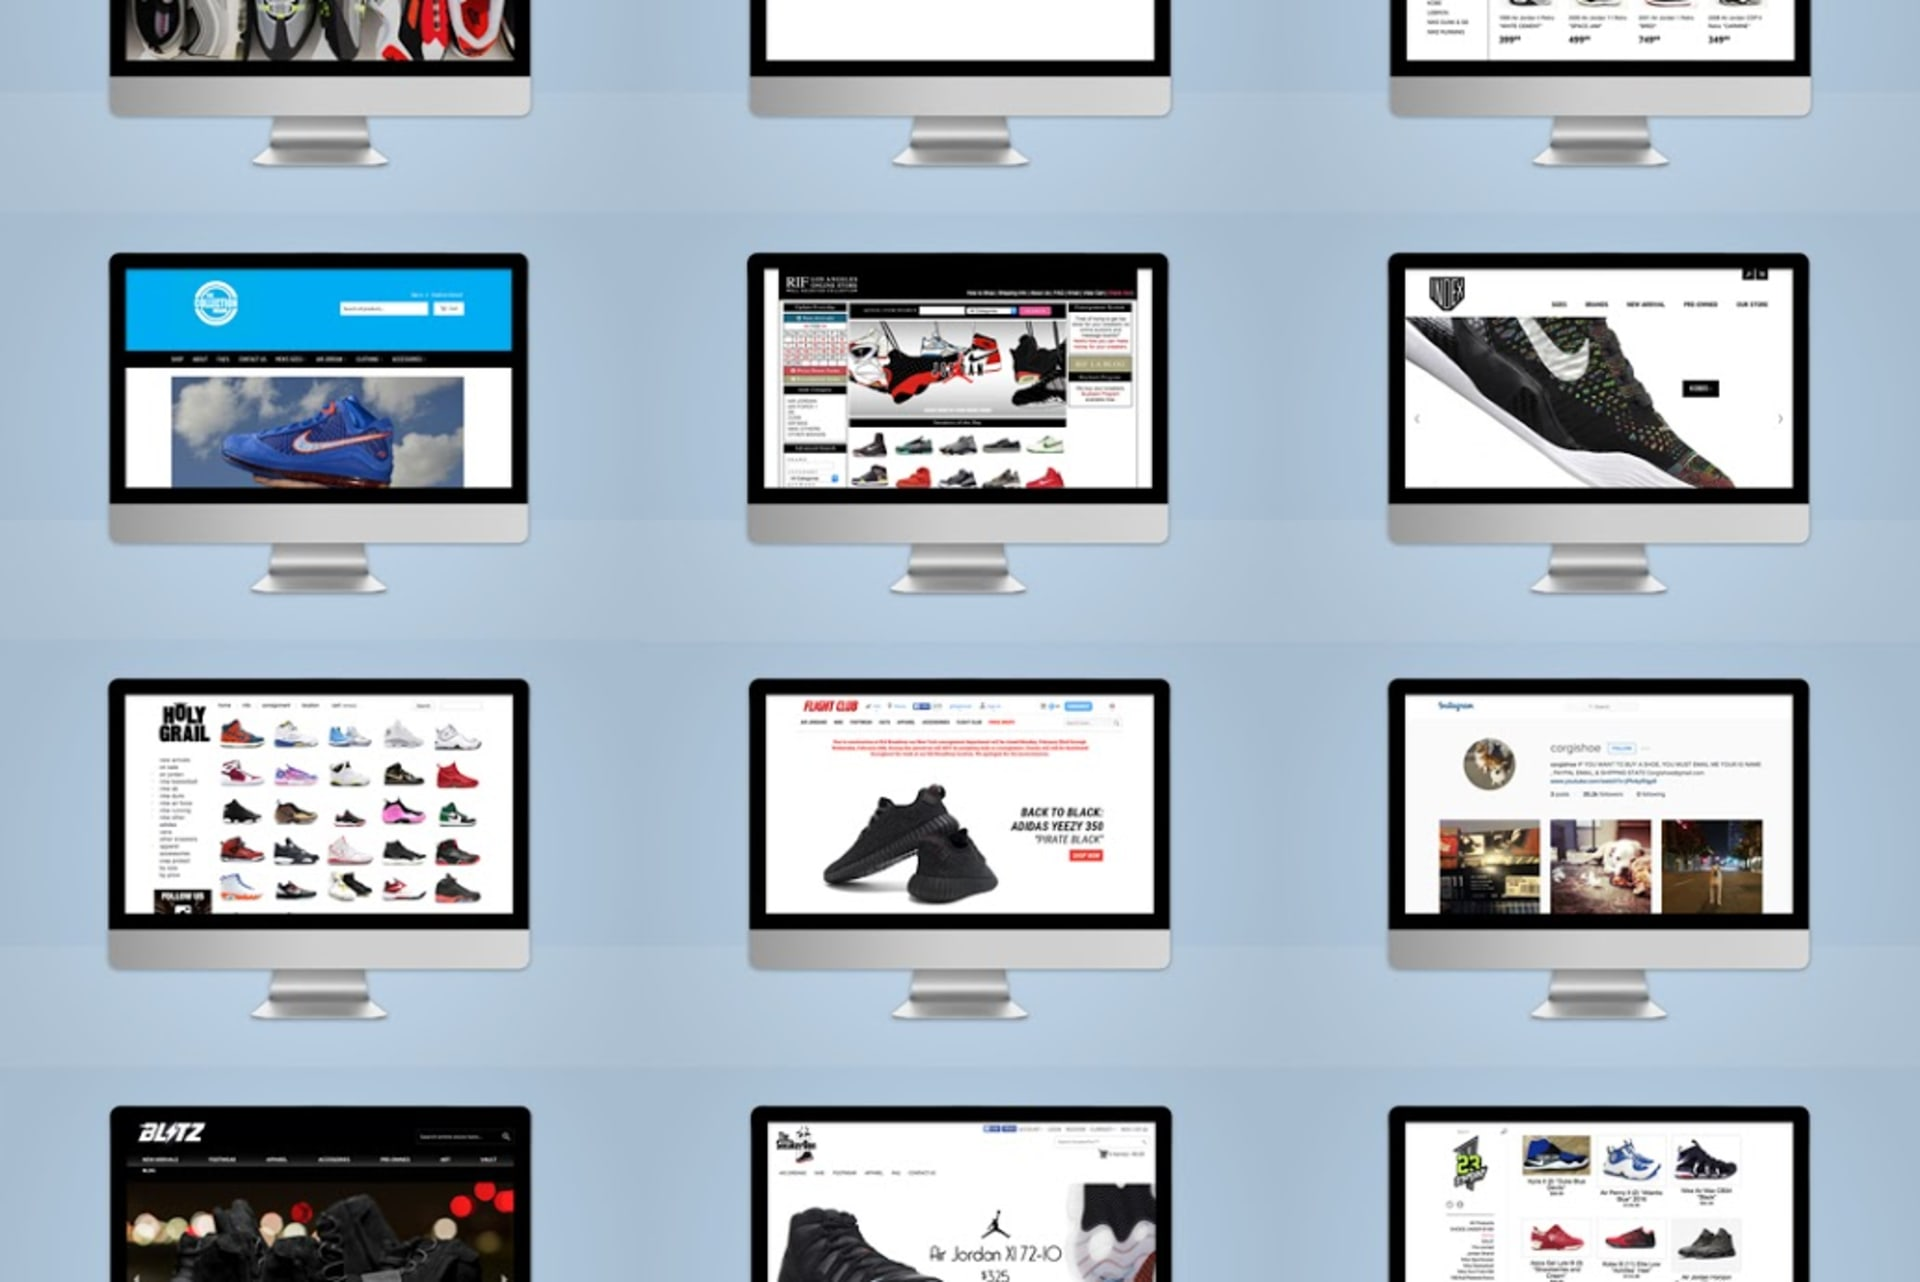 Best pick up websites